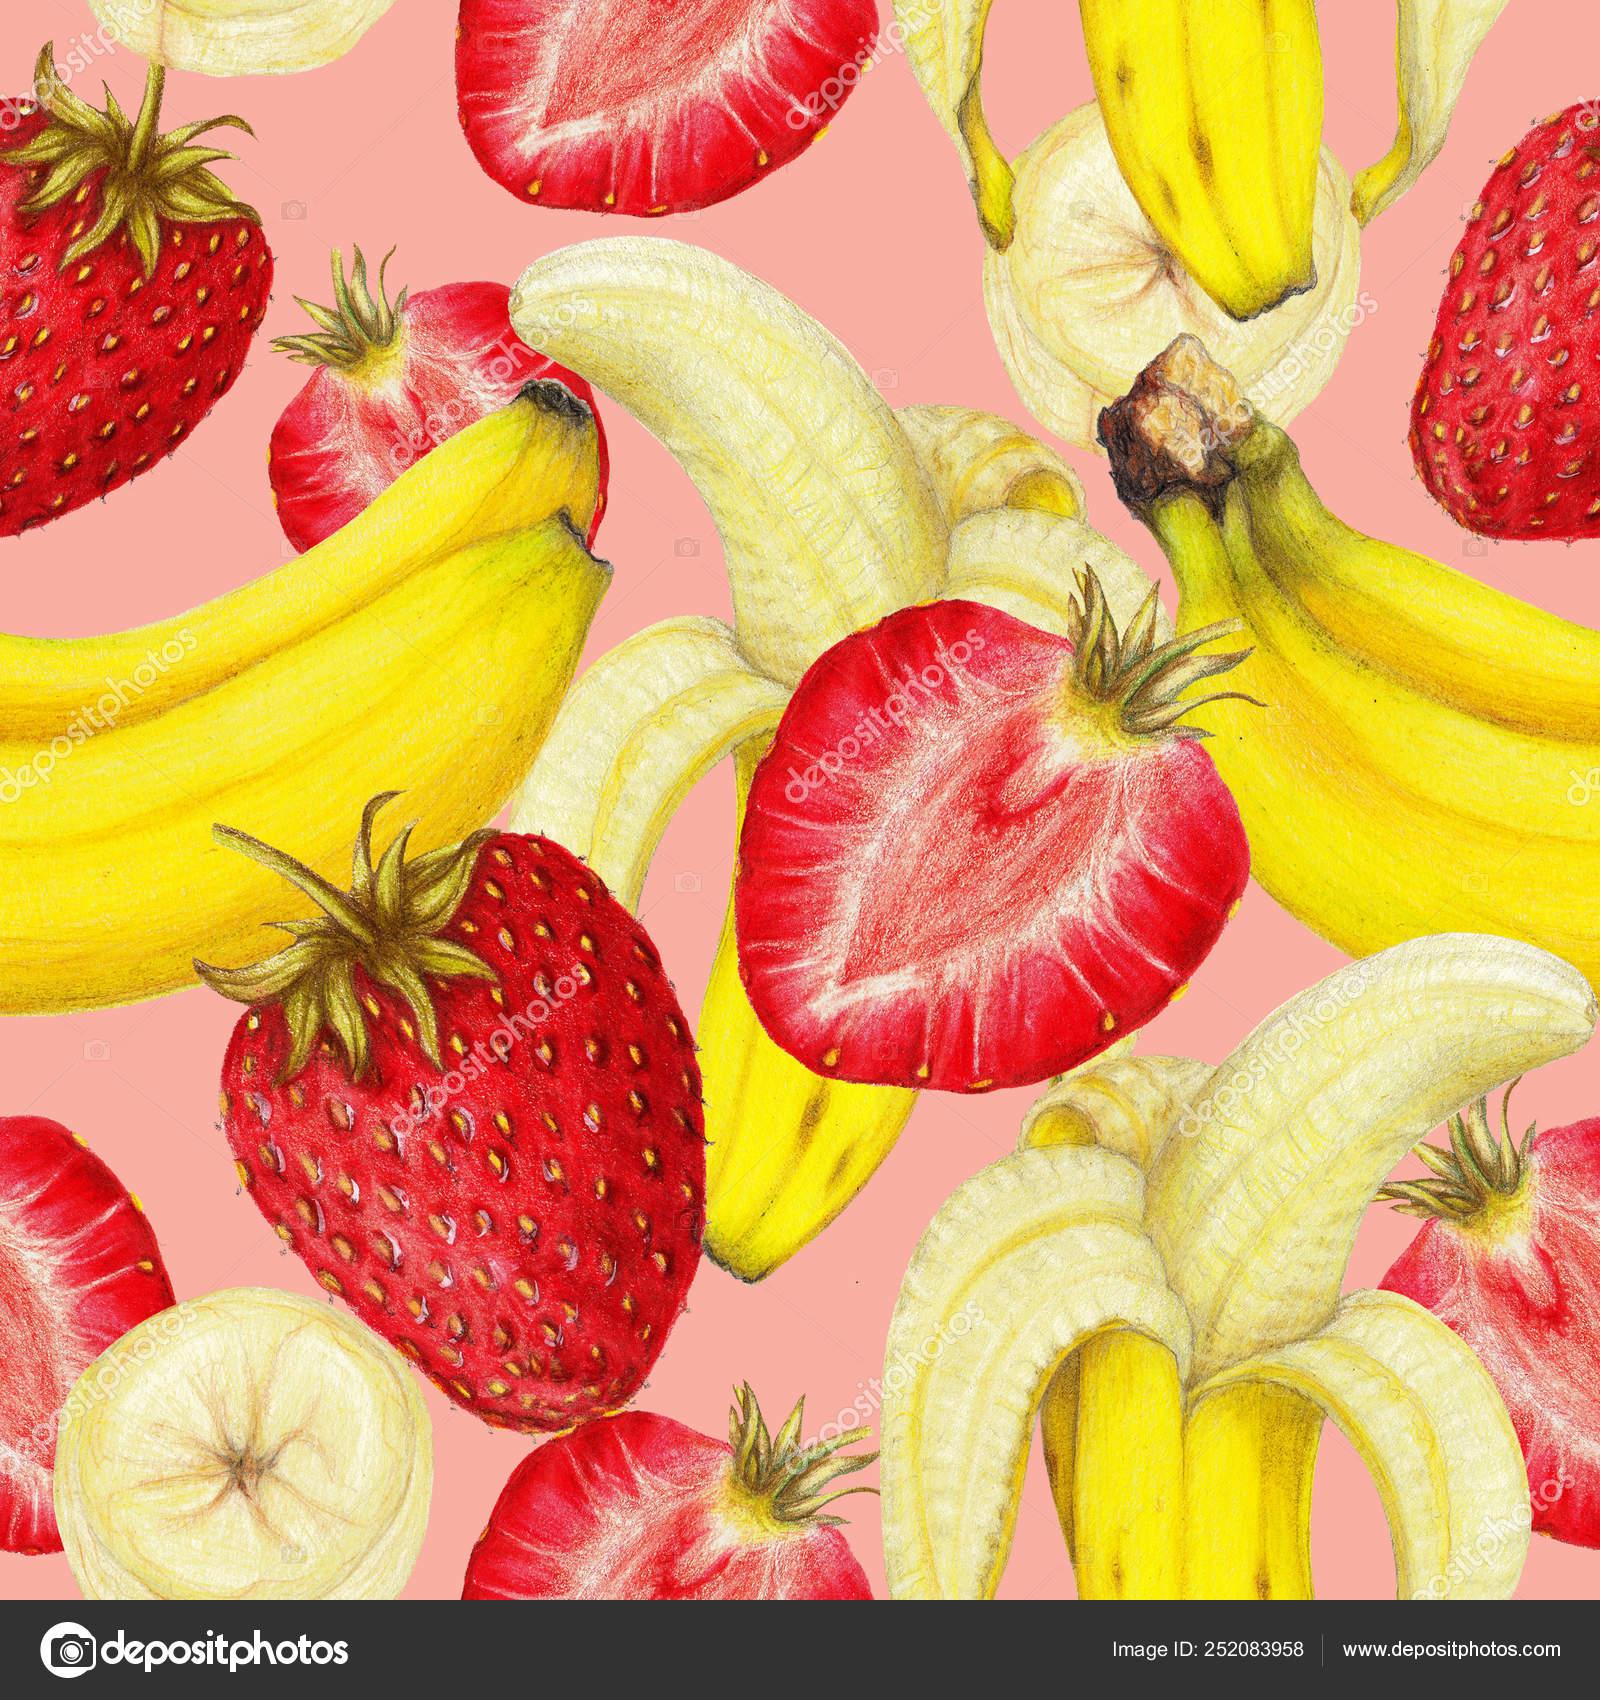 более картинка где нарисован банан клубника и собой, удаленных пассажиров